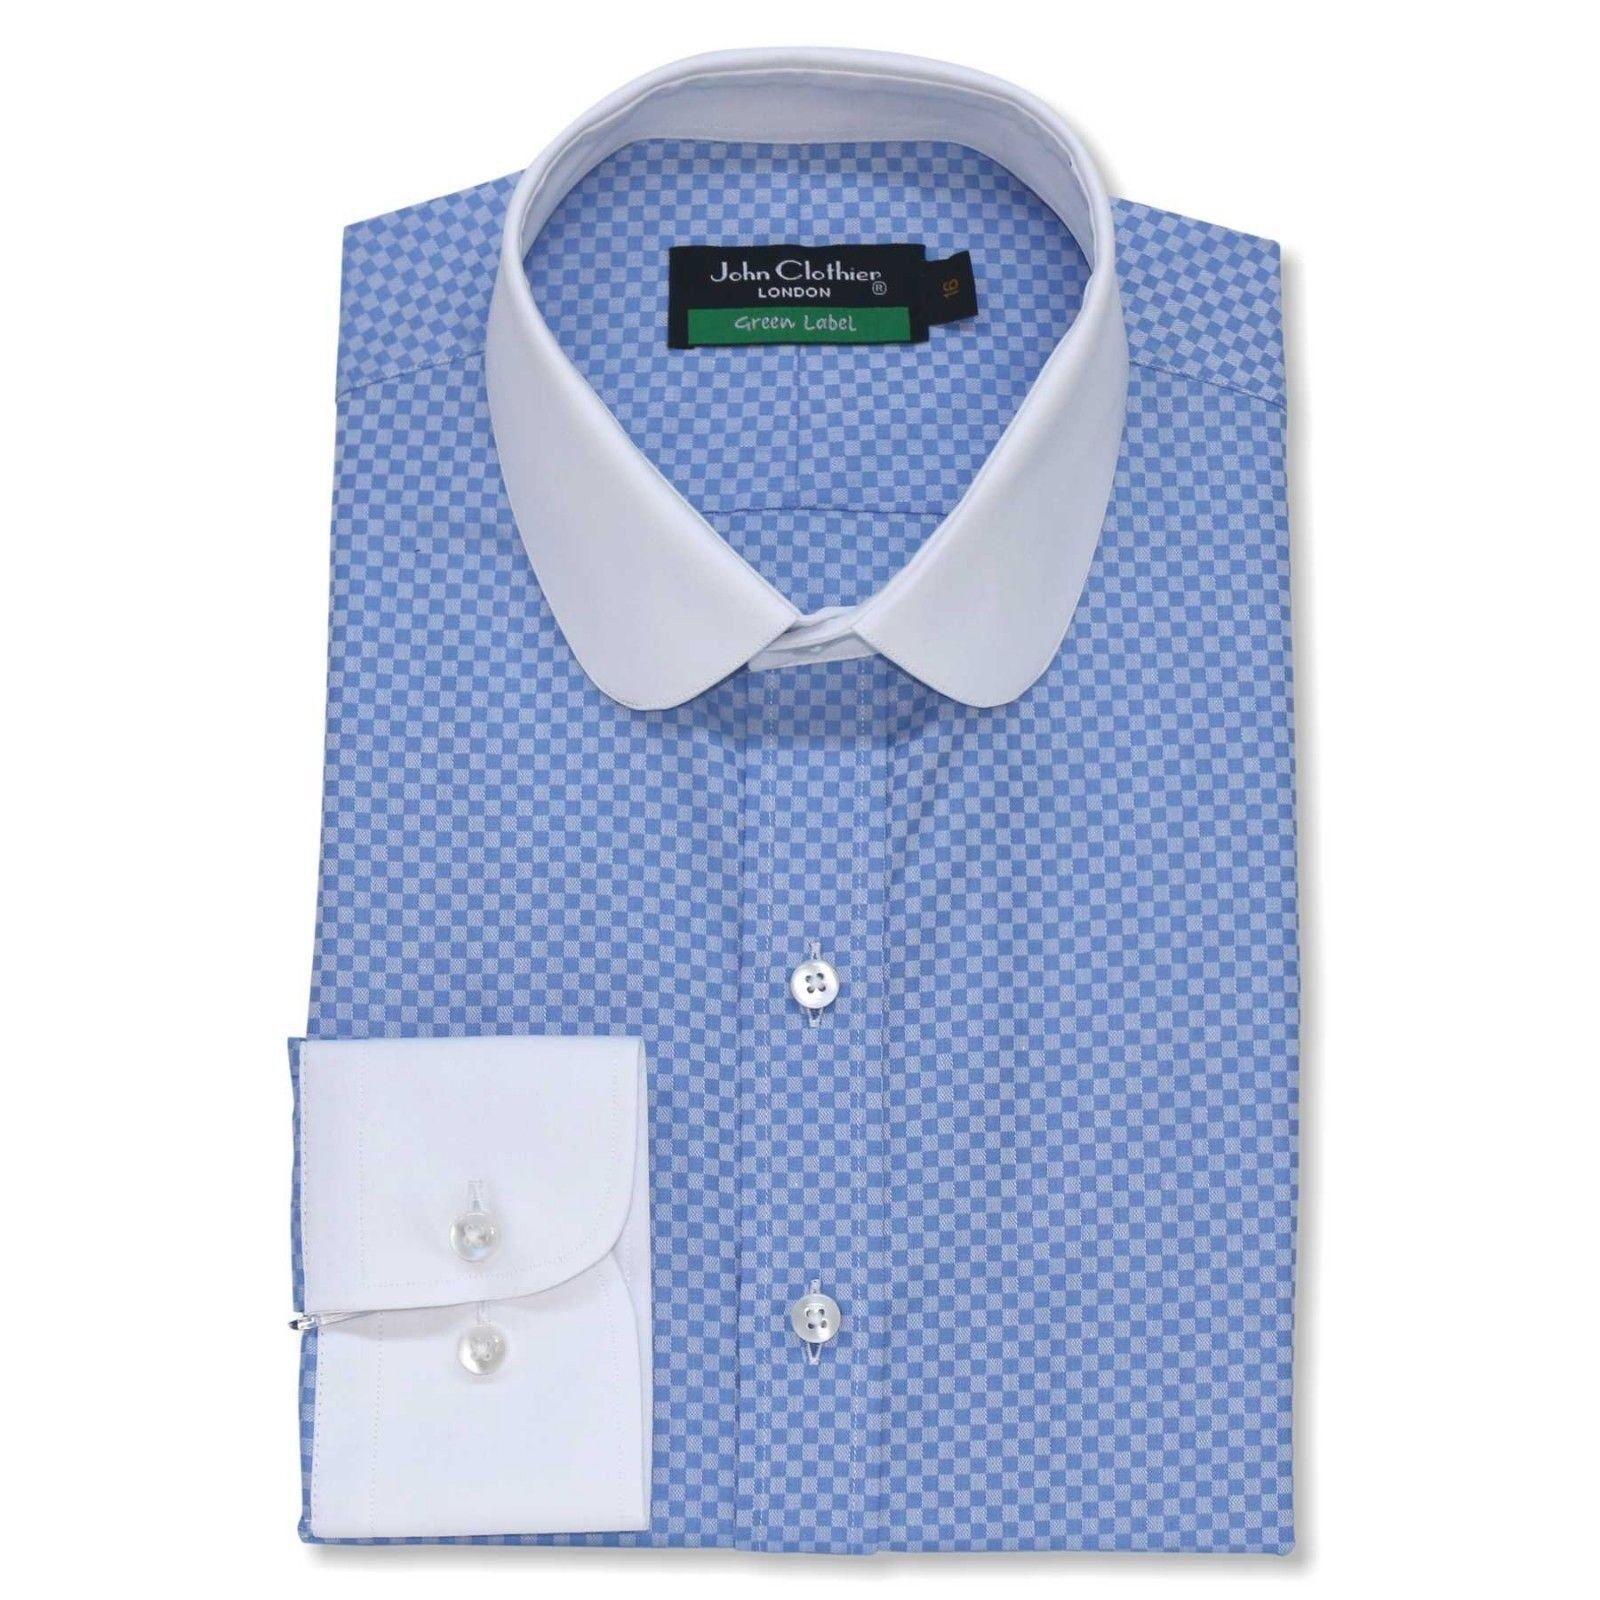 Peaky Blinders Mens Round Penny collar shirt Lite Blau checks Grandad Club Gents